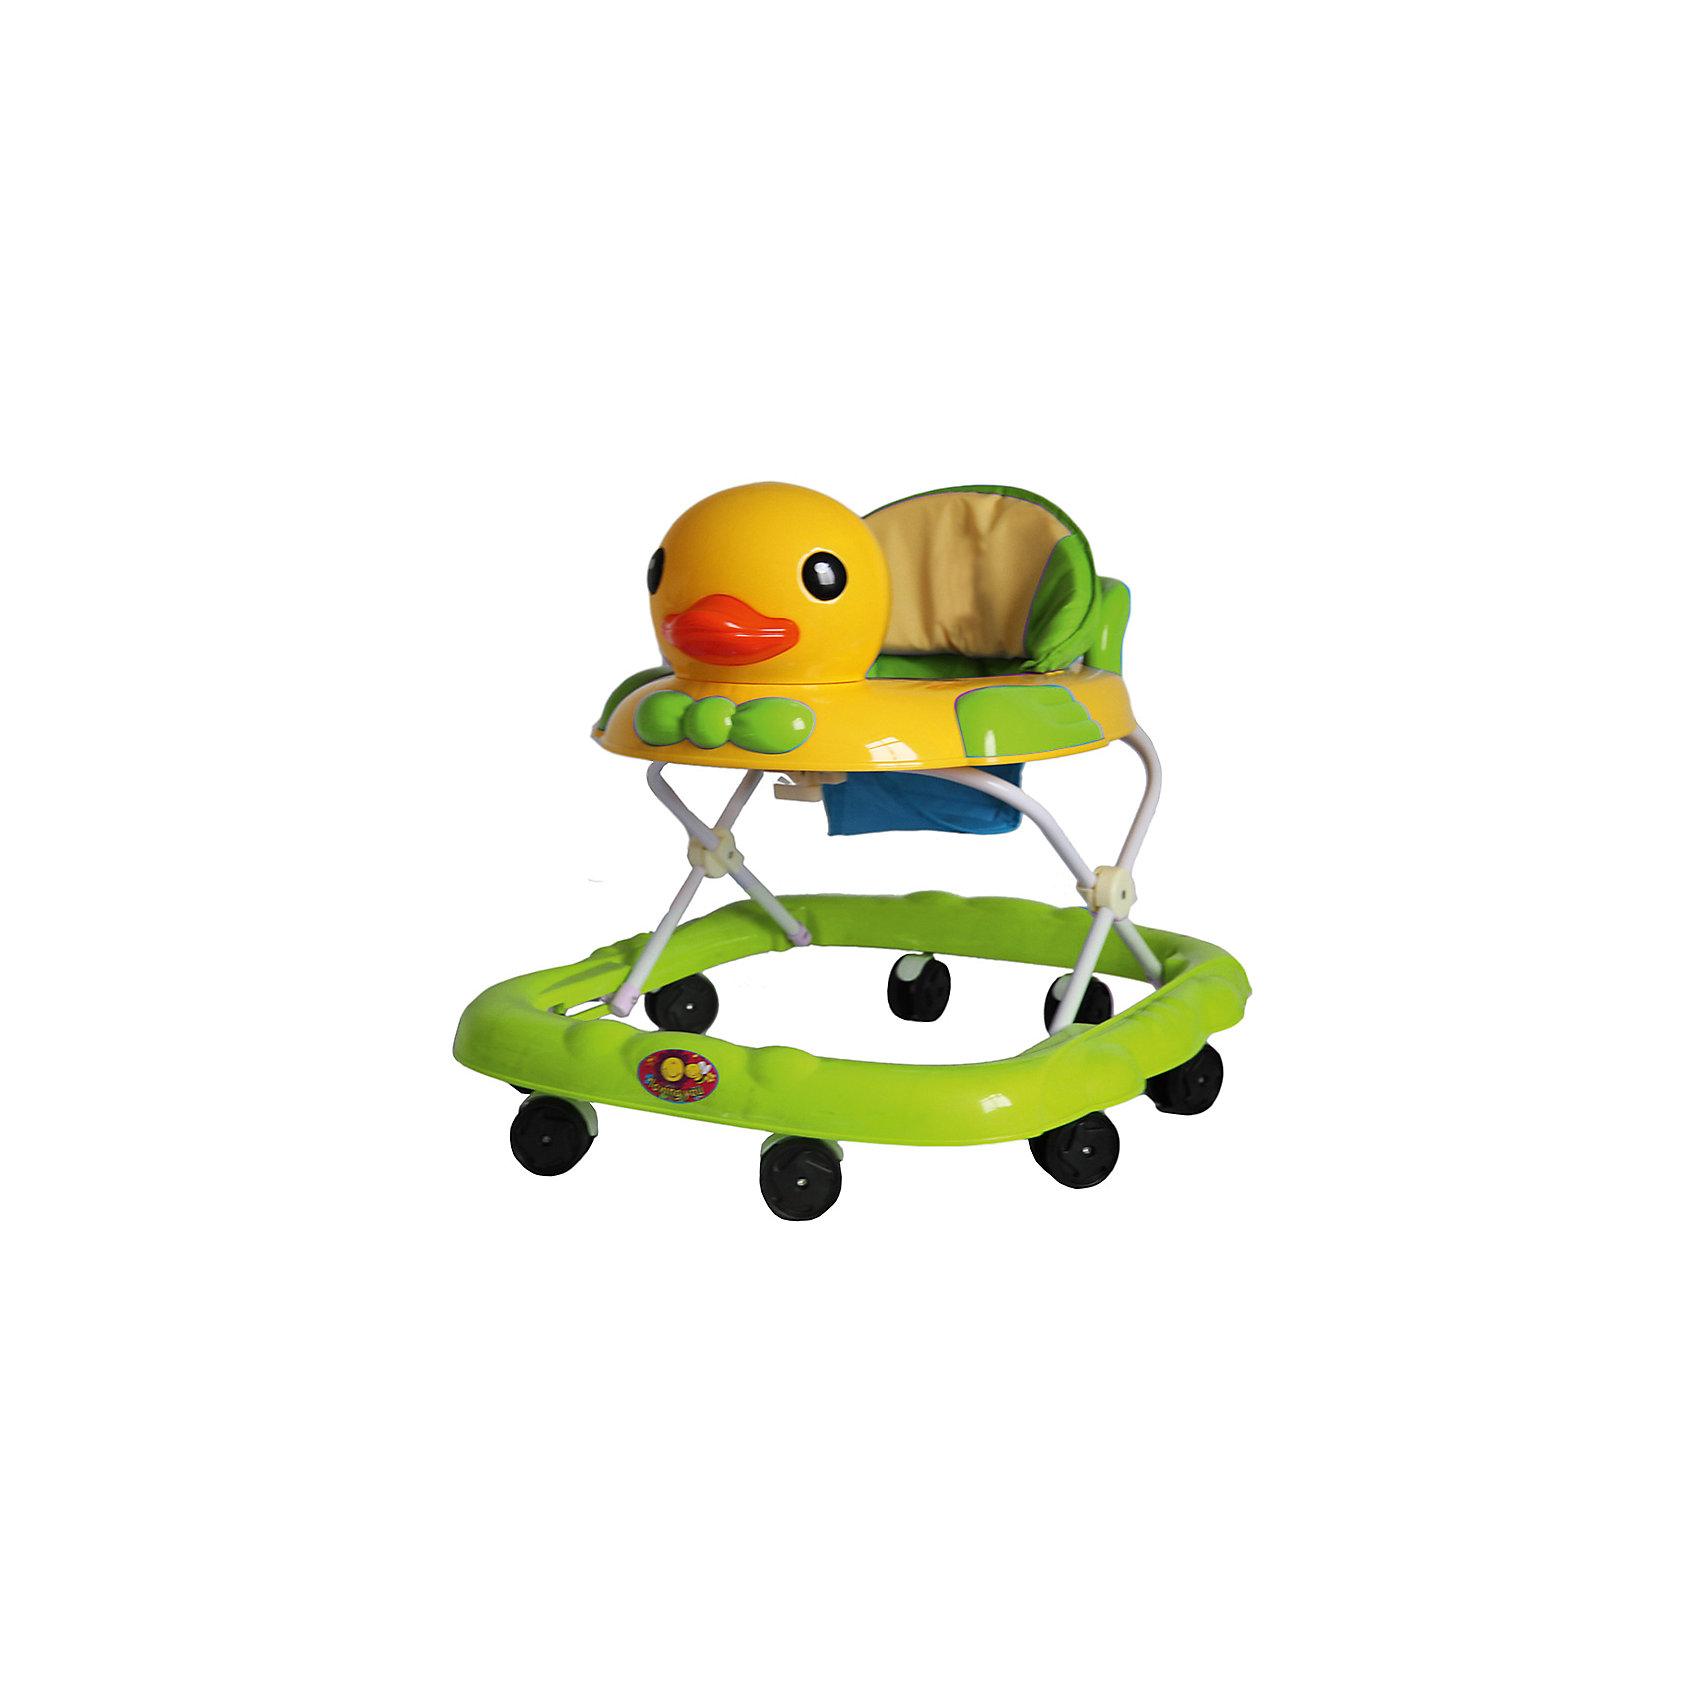 Ходунки Утка, Shine Ring, зеленыйХодунки<br>Характеристики товара:<br><br>• цвет: зеленый<br>• возраст: от 6 мес.<br>• 8 поворотных колес<br>• съемная игровая панель<br>• музыкальное сопровождение<br>• мягкое сиденье<br>• 3 положения высоты<br>• 2 батарейки типа (AA) (в комплект не входит)<br>• размеры: 71x63x55см<br>• вес: 3,4кг<br>• страна производства: Китай<br><br>Ходунки Shine Ring - это отличное приобретение, которое поможет вашему малышу сделать свои первые шаги. <br><br>Большое количество поворотных колес прекрасно распределят вес малыша. <br><br>Широкое основание придает отличную устойчивость, что обезопасит вашего ребенка. <br><br>Съемная игровая панель сможет развить мелкую моторику. <br><br>Приятное мягкое сидение прочно крепится к раме и не будет доставлять дискомфорт во время использования.<br><br>Ходунки Утка, Shine Ring можно купить в нашем интернет-магазине.<br><br>Ширина мм: 670<br>Глубина мм: 600<br>Высота мм: 510<br>Вес г: 3710<br>Возраст от месяцев: 6<br>Возраст до месяцев: 12<br>Пол: Унисекс<br>Возраст: Детский<br>SKU: 5559208